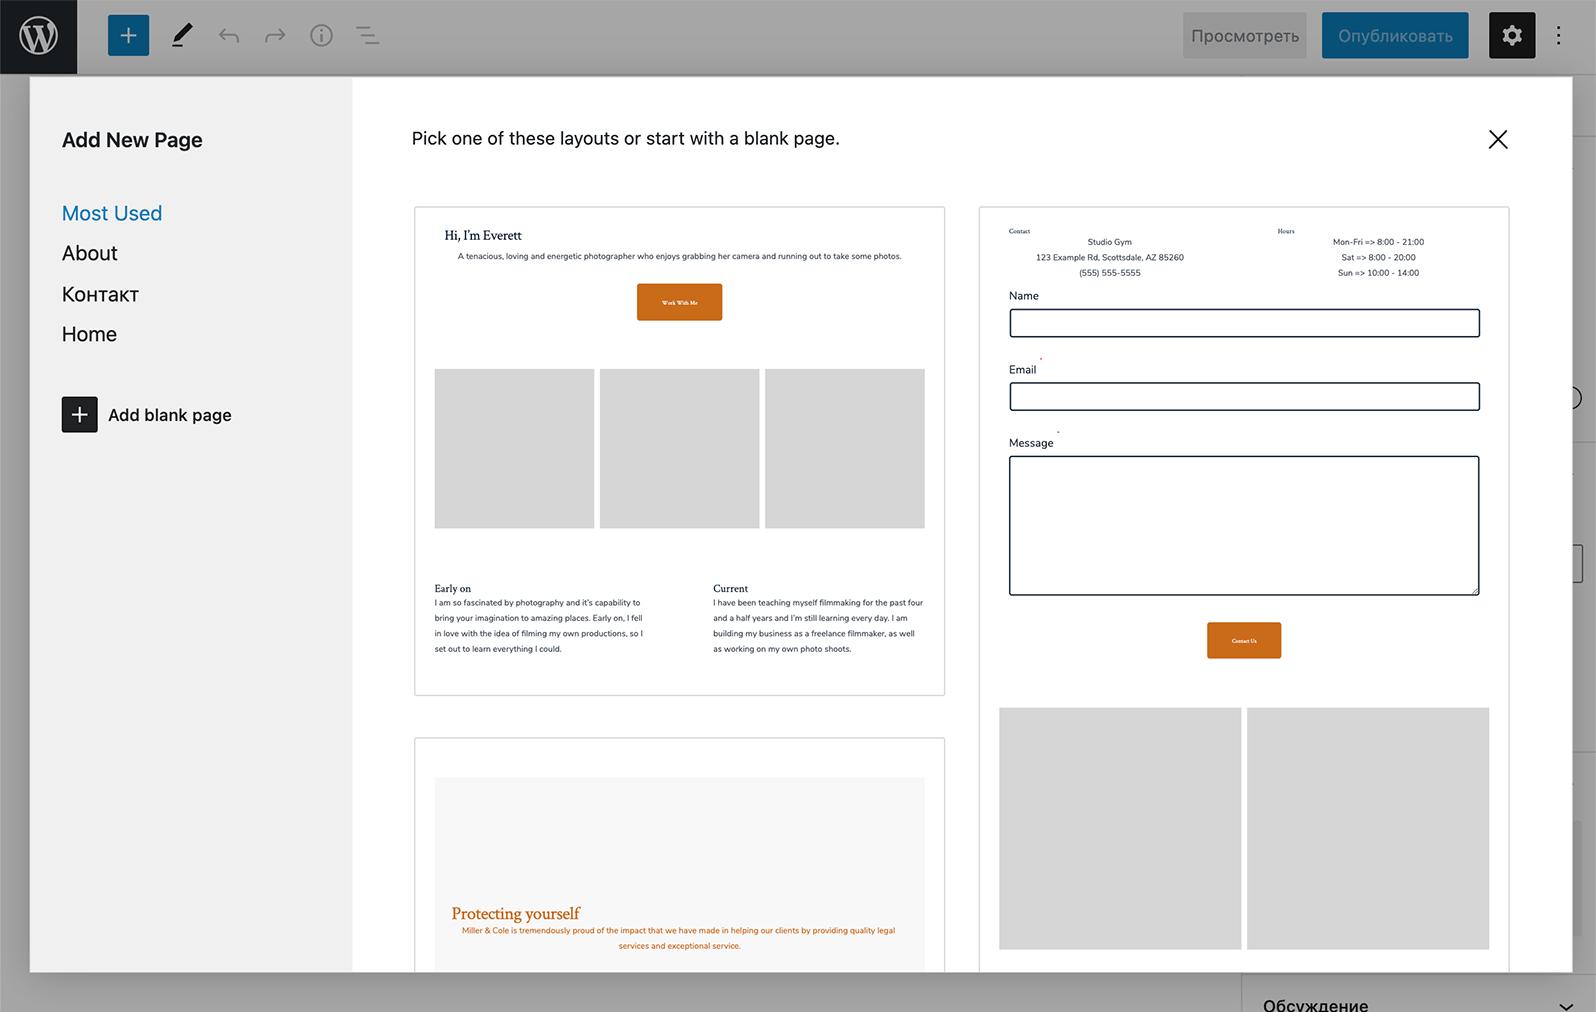 Выбор и редактирование готового шаблона с блоками